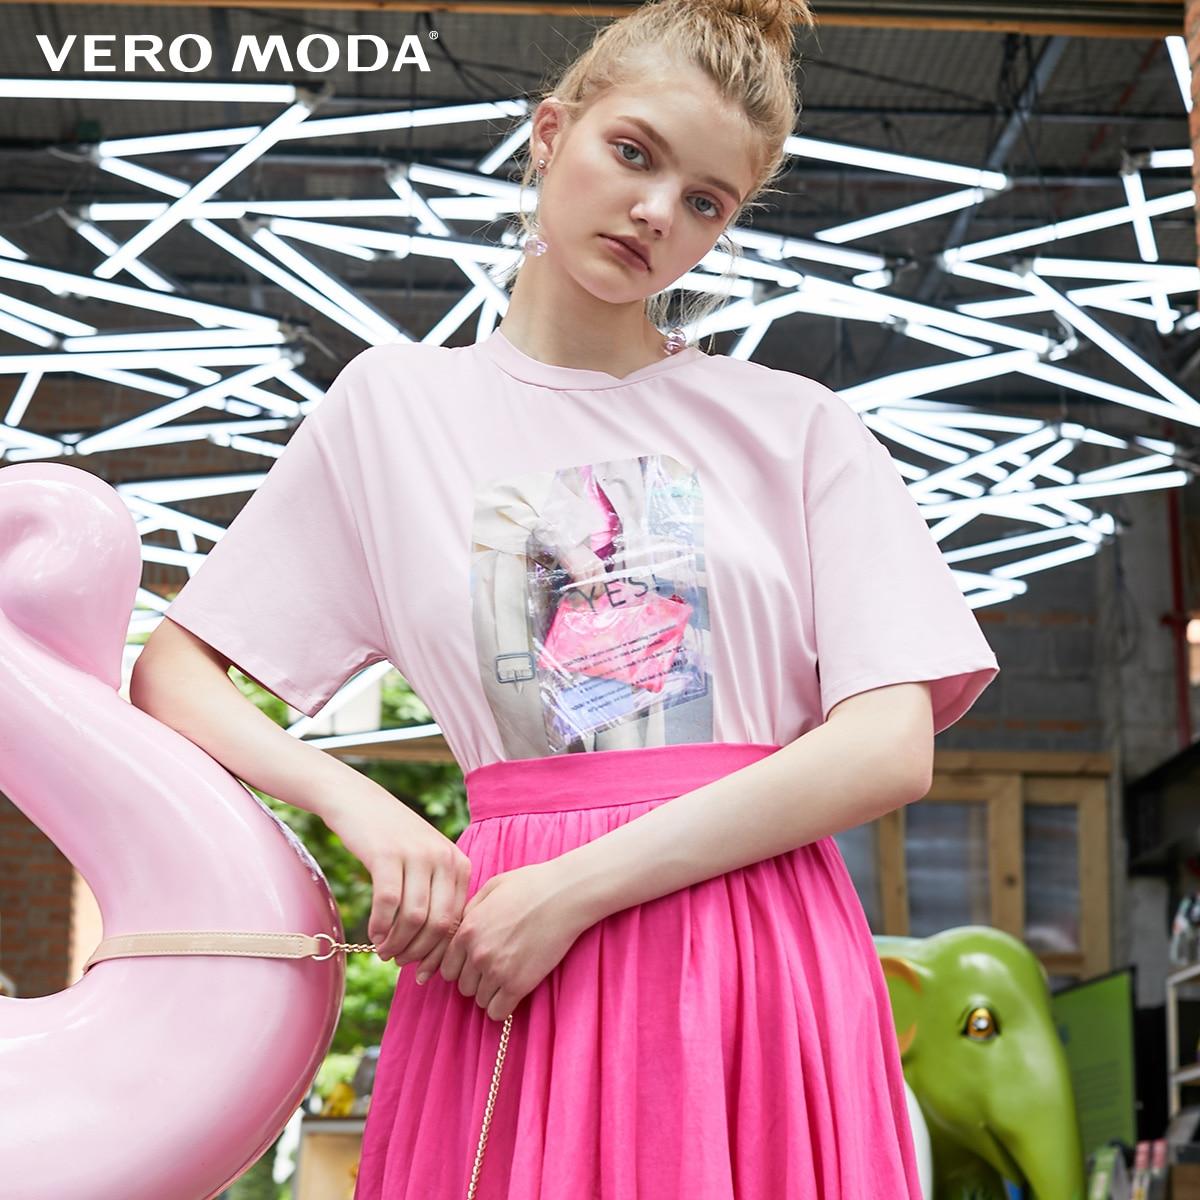 Vero Moda Women's Loose Fit Round Neckline Pattern Print T-shirt | 319201569